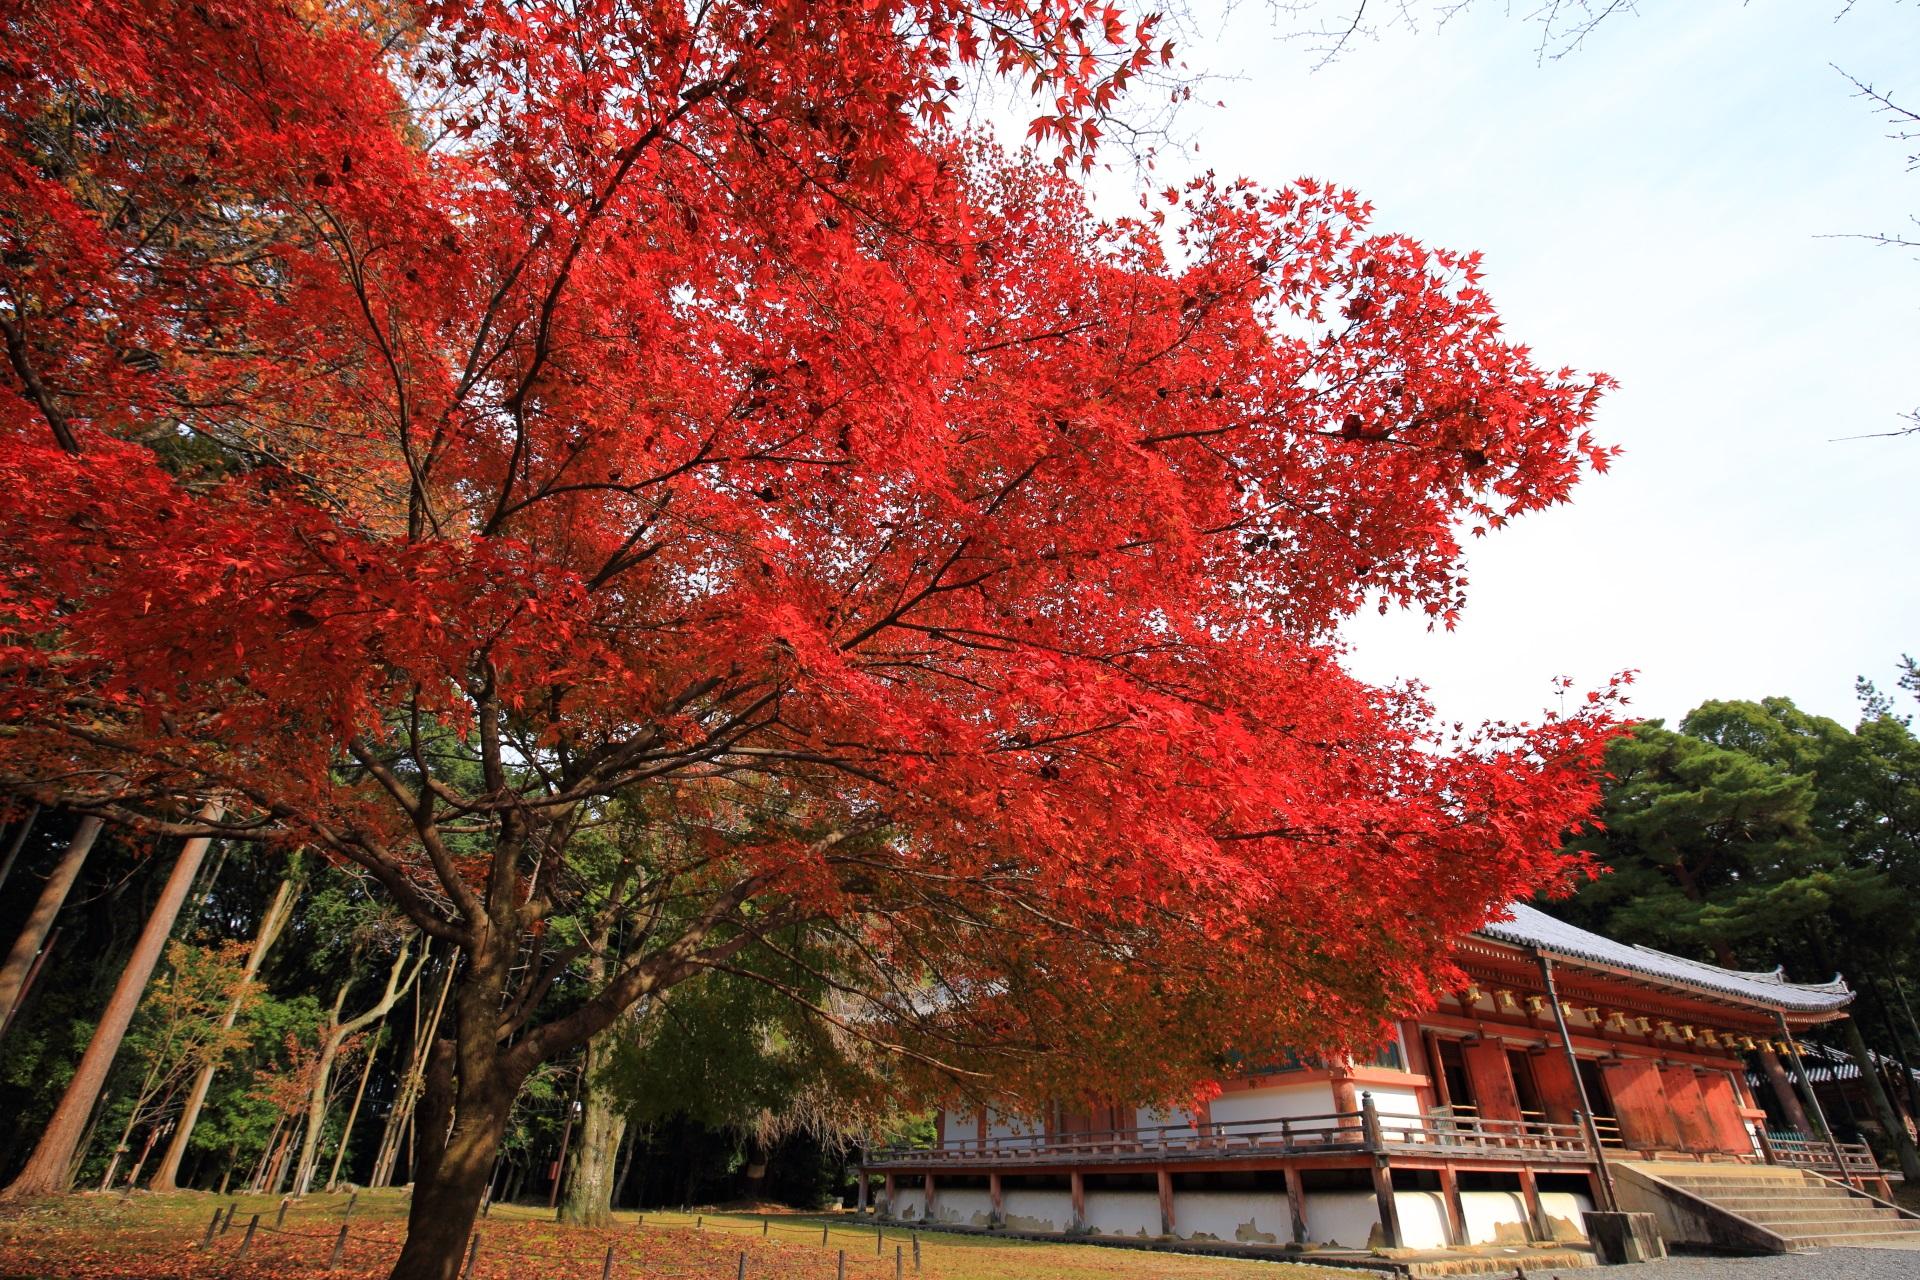 醍醐寺の金堂と絵になる迫力の紅葉